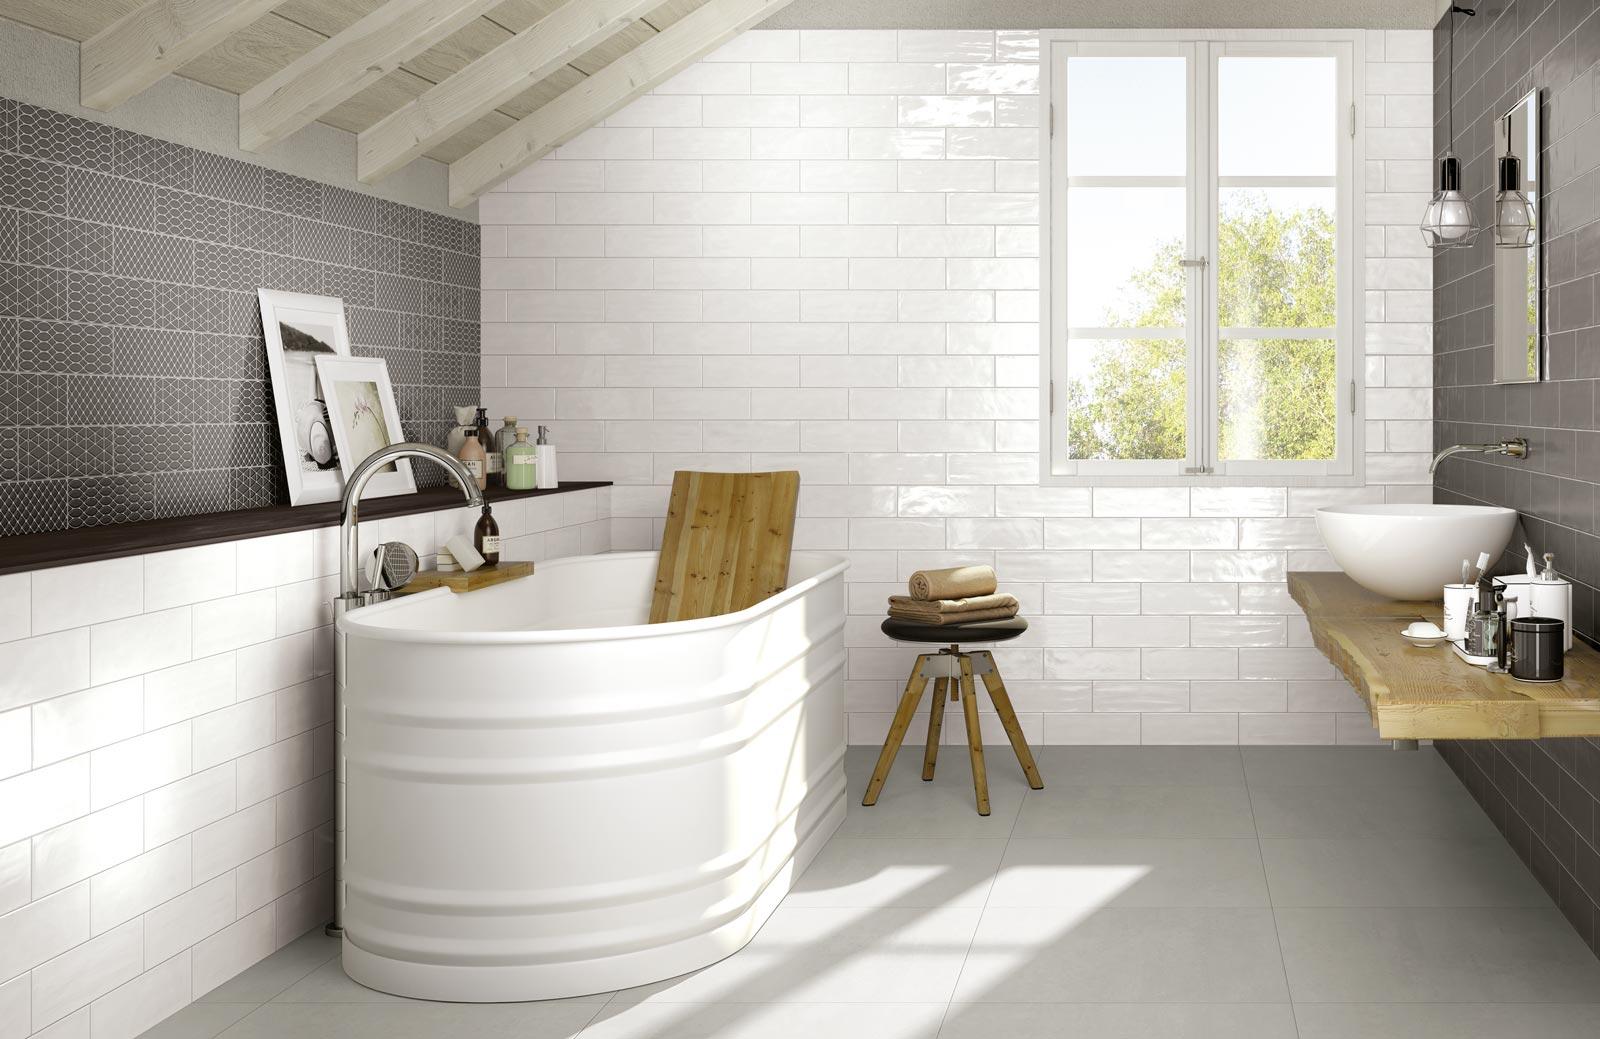 Bagni Piccoli Moderni Con Doccia : Bagni moderni piccoli con doccia amazing gallery of bagni con